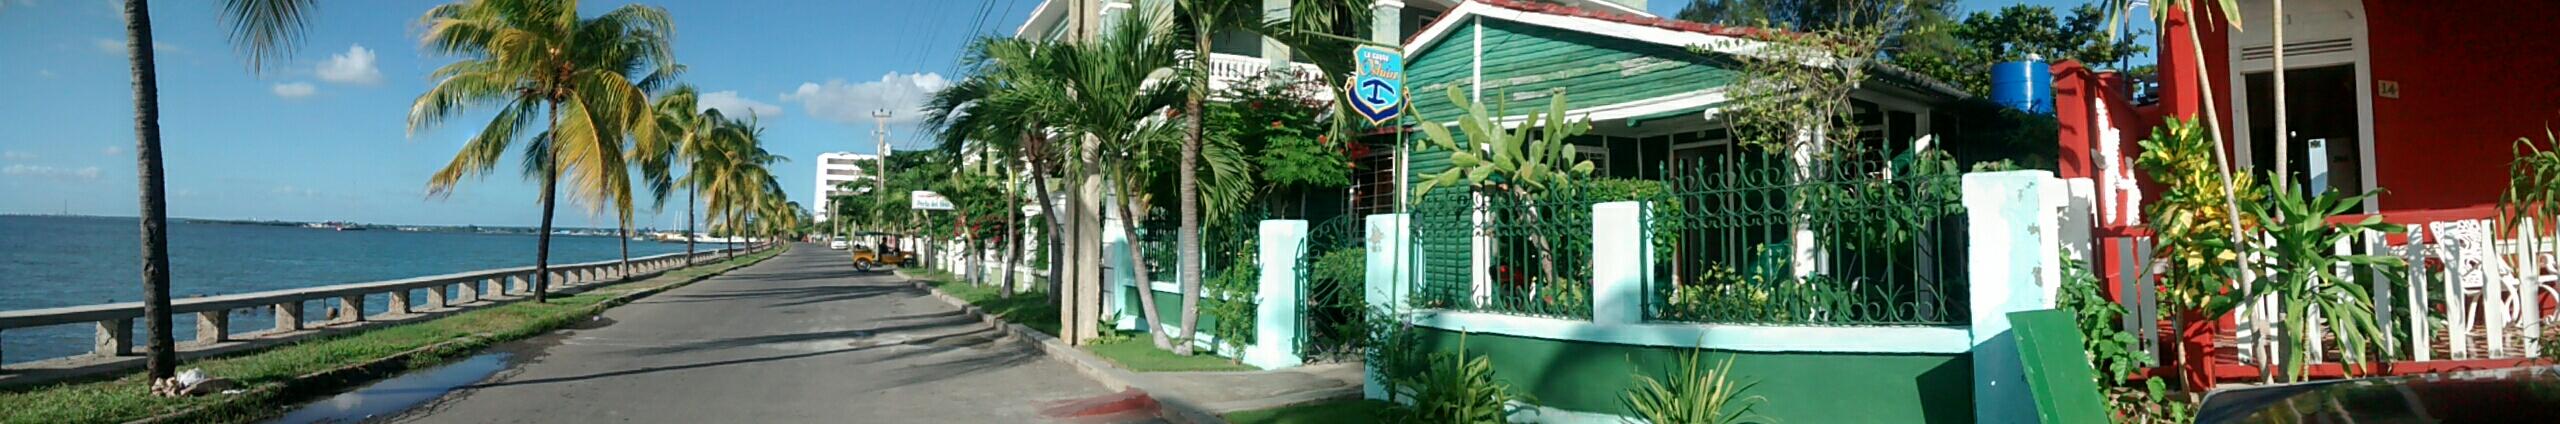 Casita de Oshun en Cienfuegos. Reserva aquí: https://www.soulidays.com/en/house/La+casita+de+Oshun+-+Habitaci%C3%B3n+1-98018